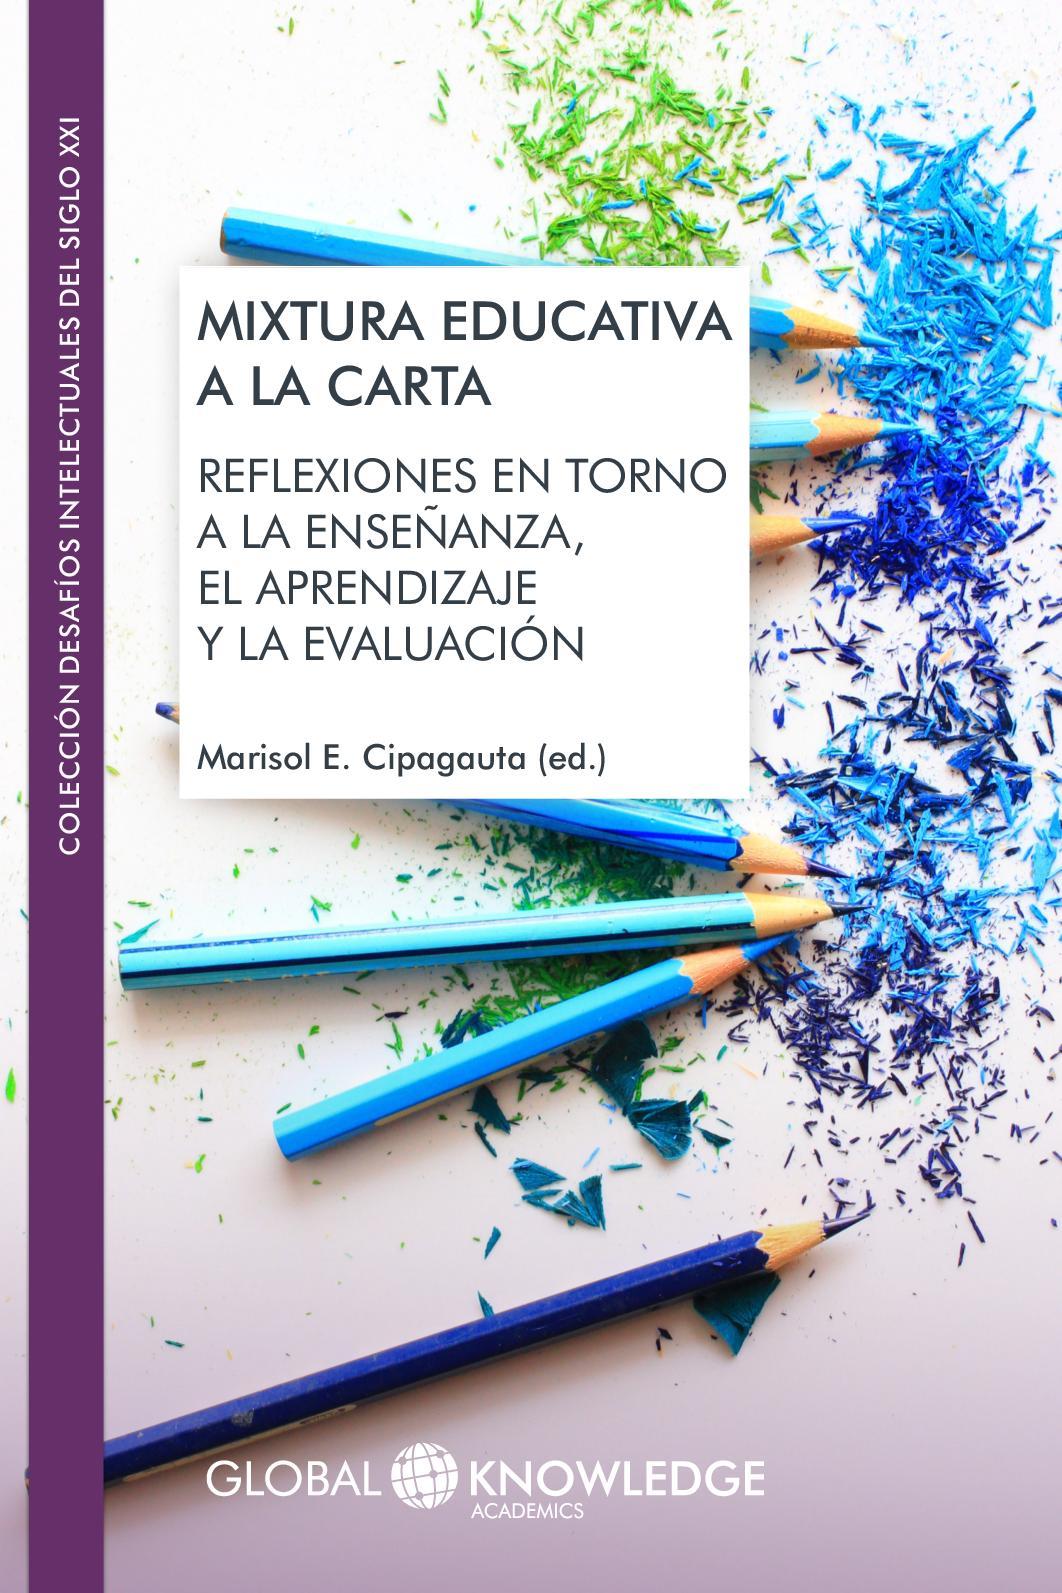 e790c4910521 Calaméo - Mixtura educativa a la carta  reflexiones en torno a la  enseñanza